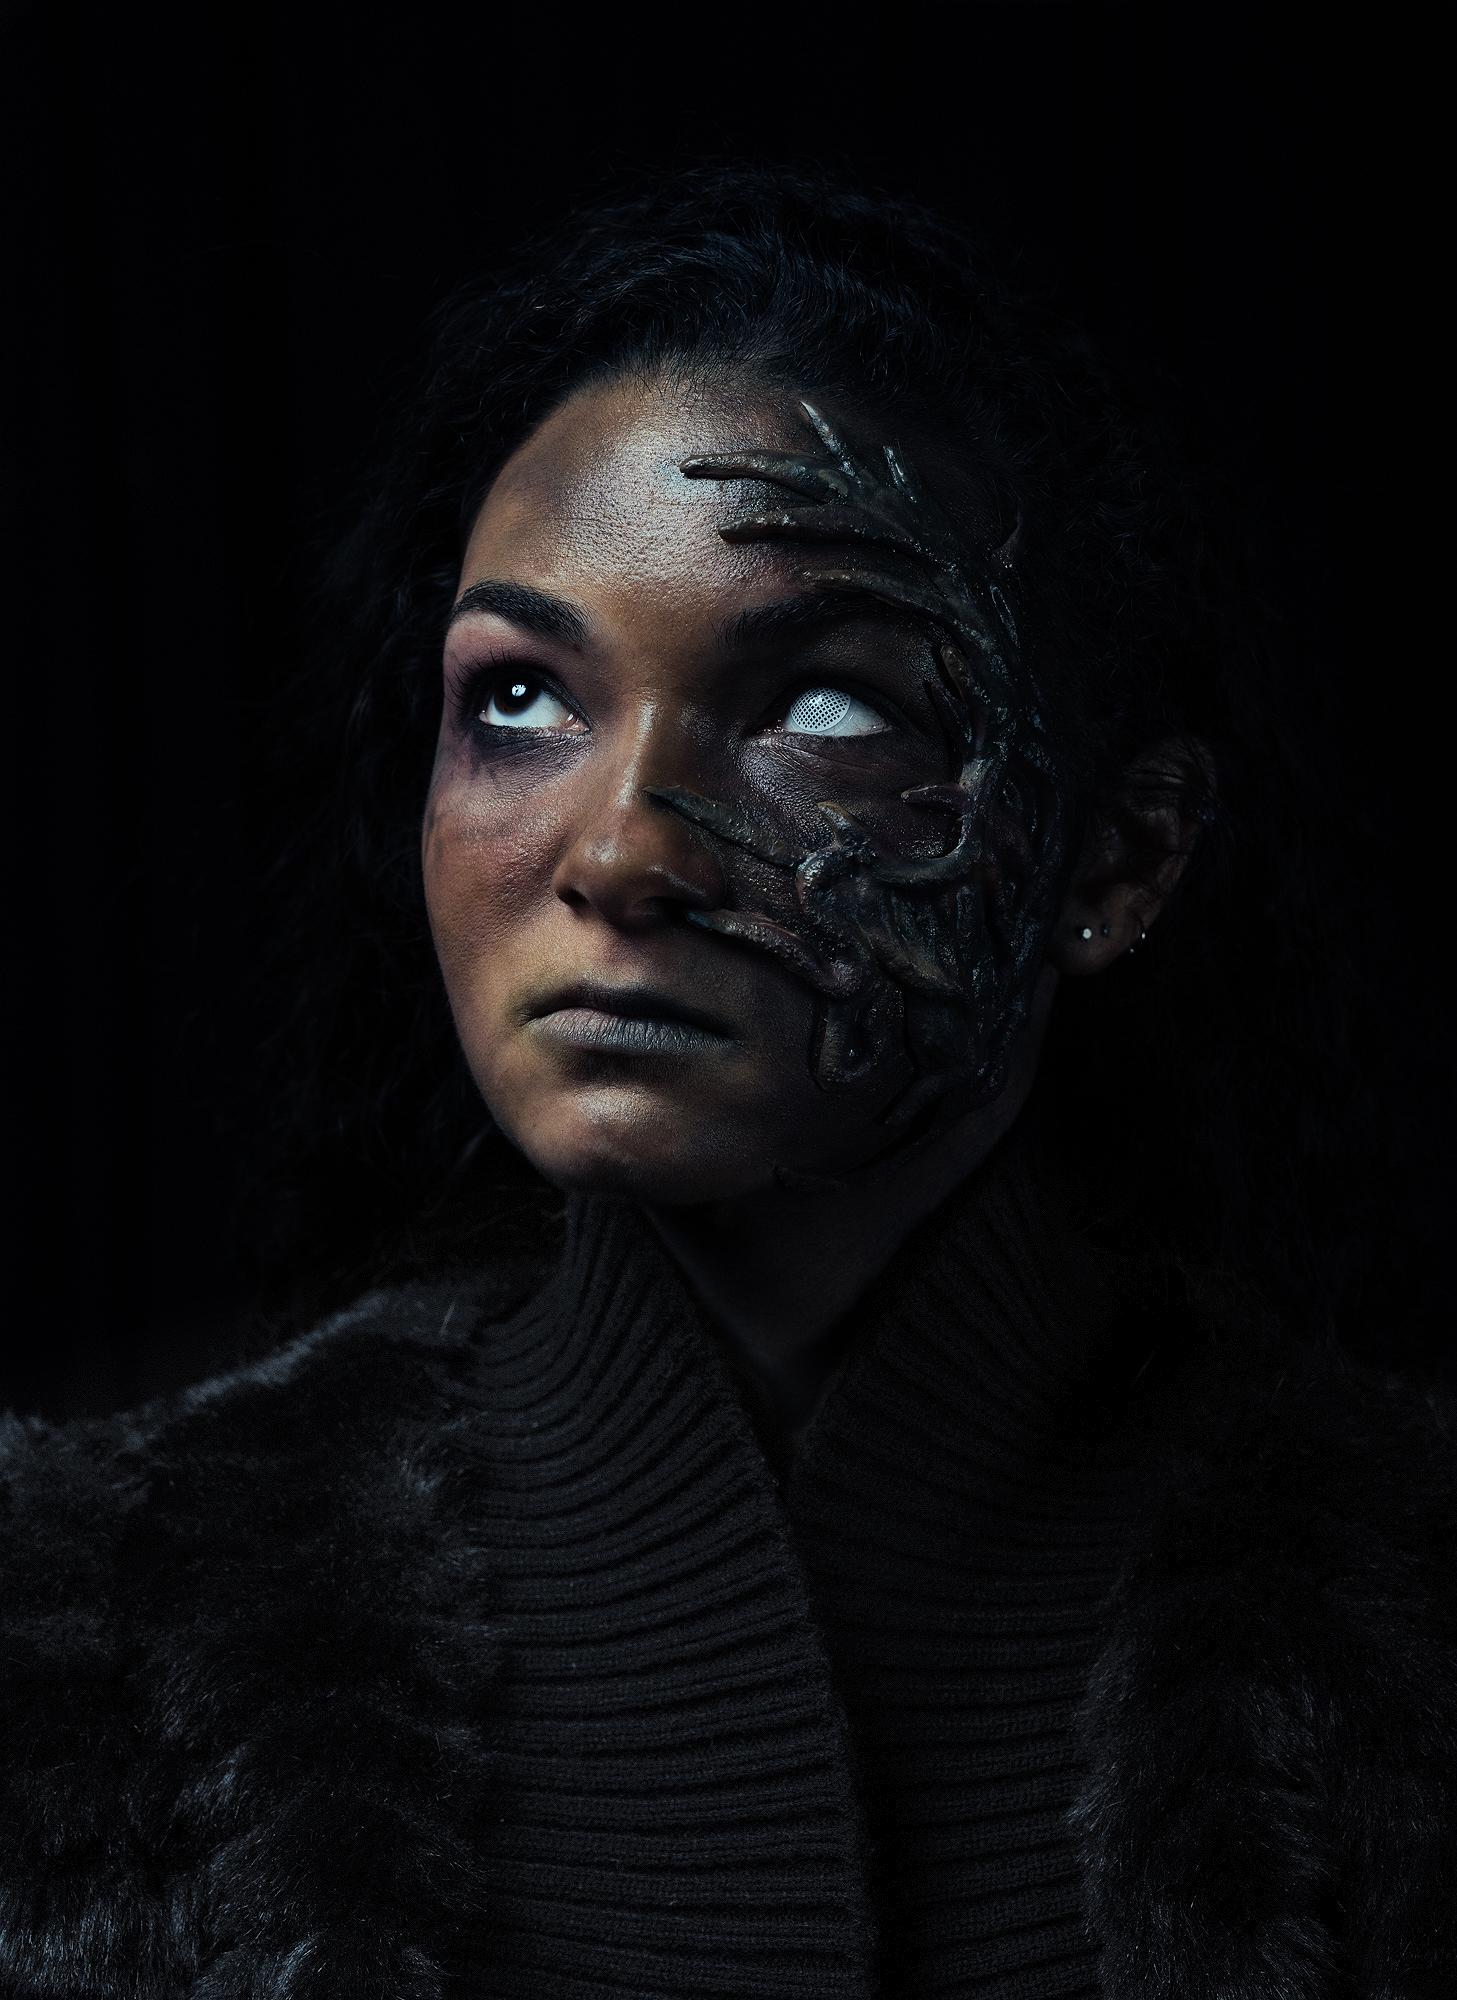 Interview With An Fx Makeup Artist